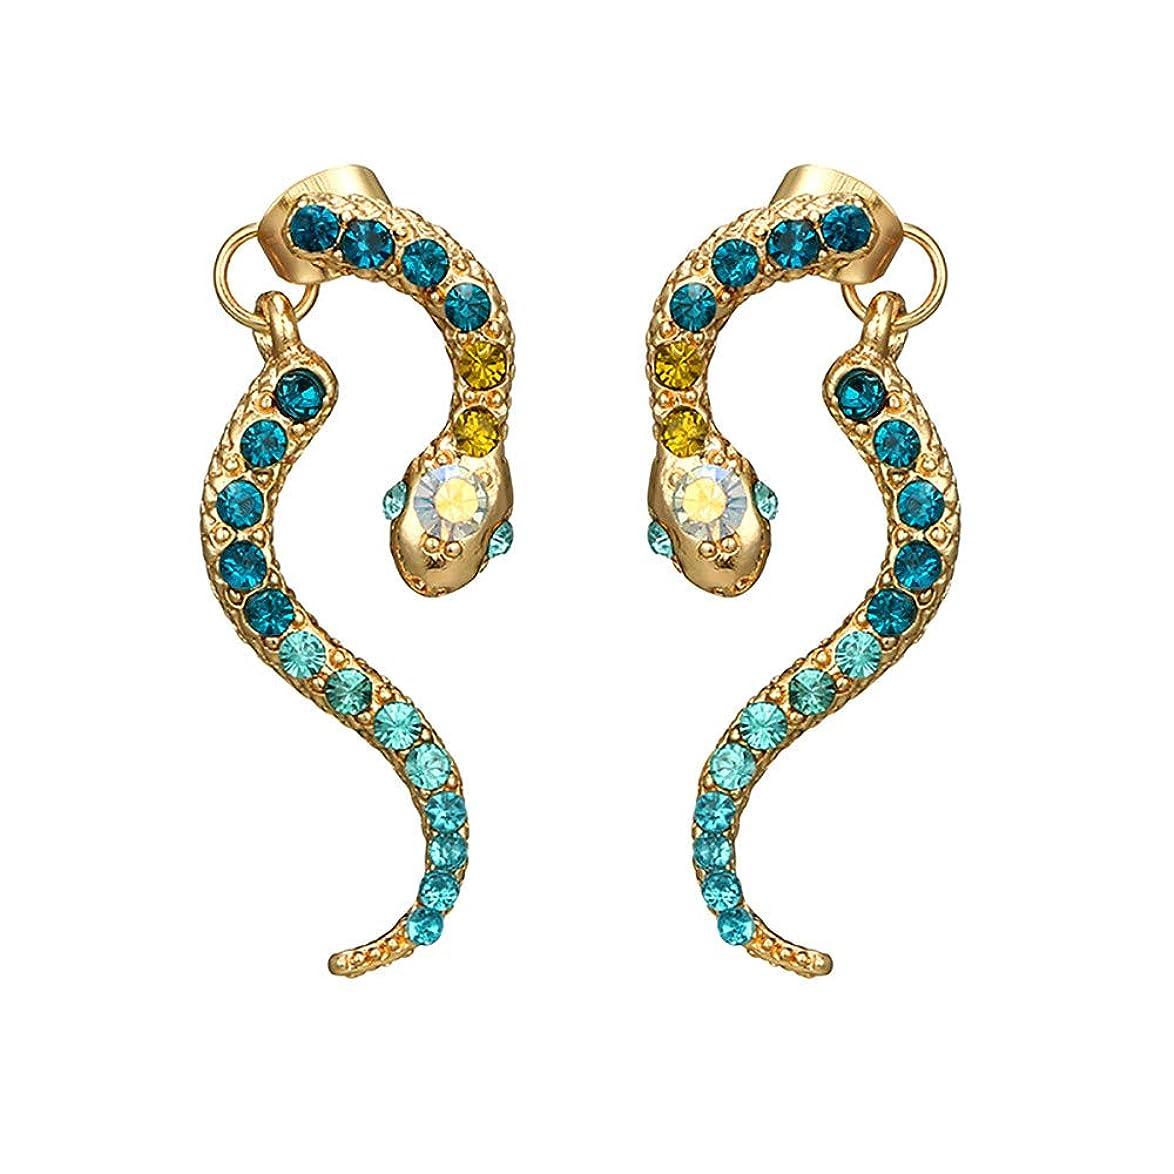 機構フィードオン一貫したNicircle 女性ヴィンテージパーソナリティゾディアックヘビ型ダイヤモンドイヤリング動物合金のイヤリング Women Vintage Personality Zodiac Snake-shaped Diamond Earrings Animal Alloy Earrings